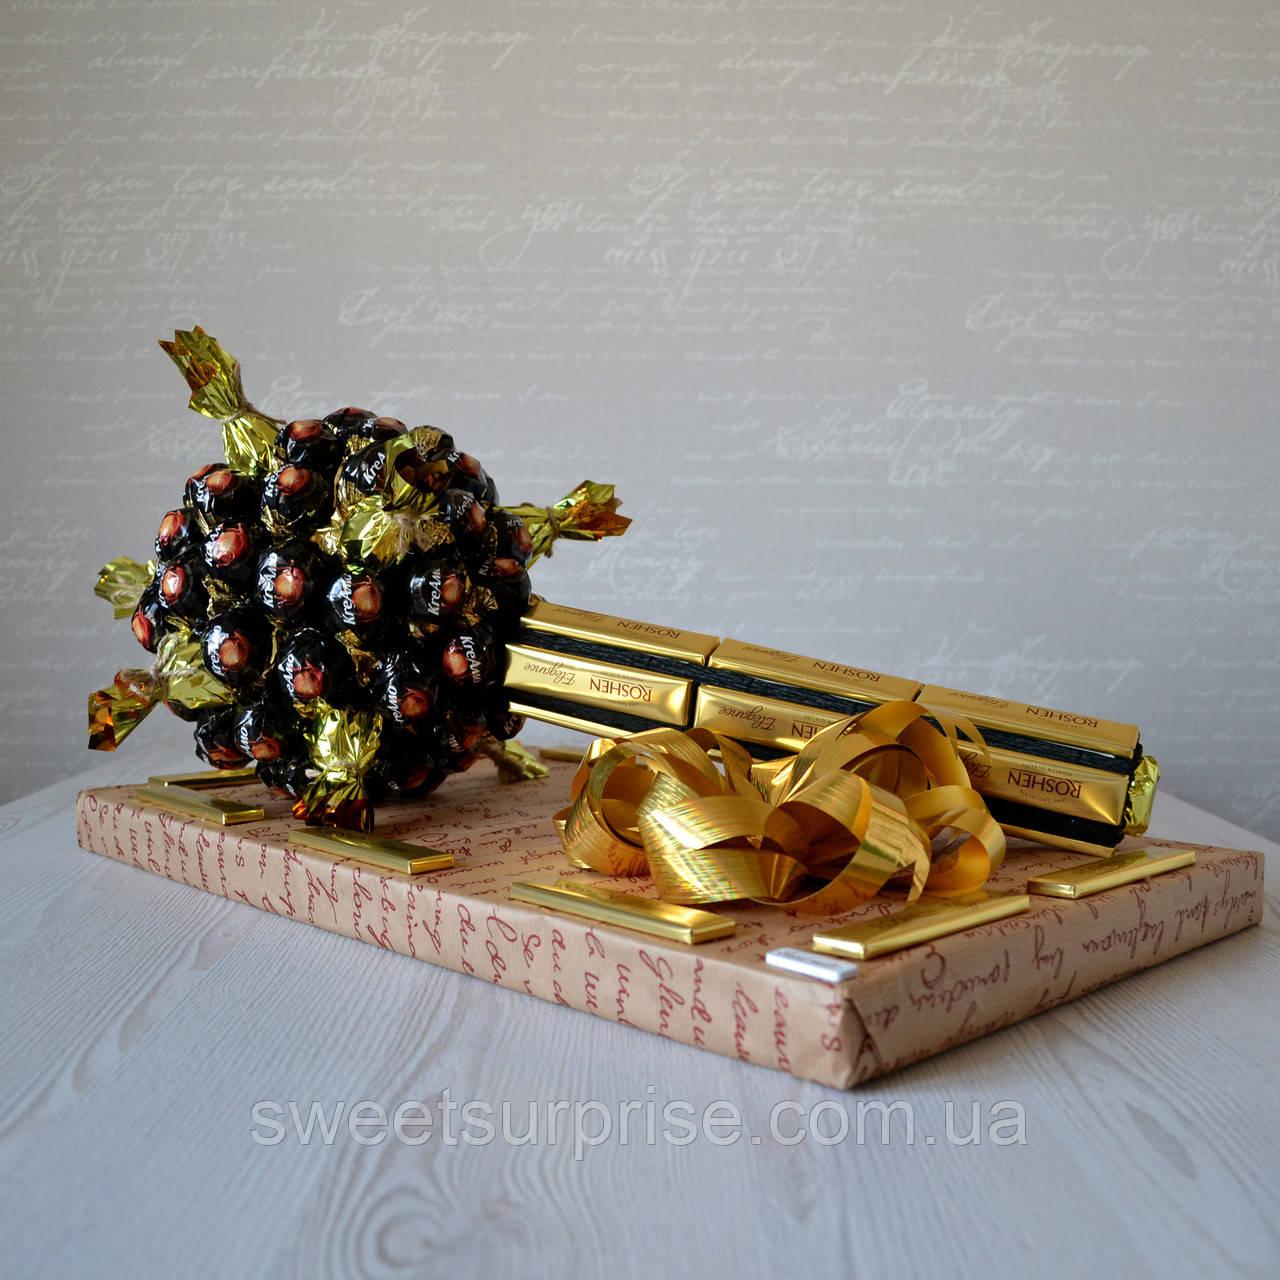 """Вкусный подарок для мужчины """"Булава из конфет"""""""